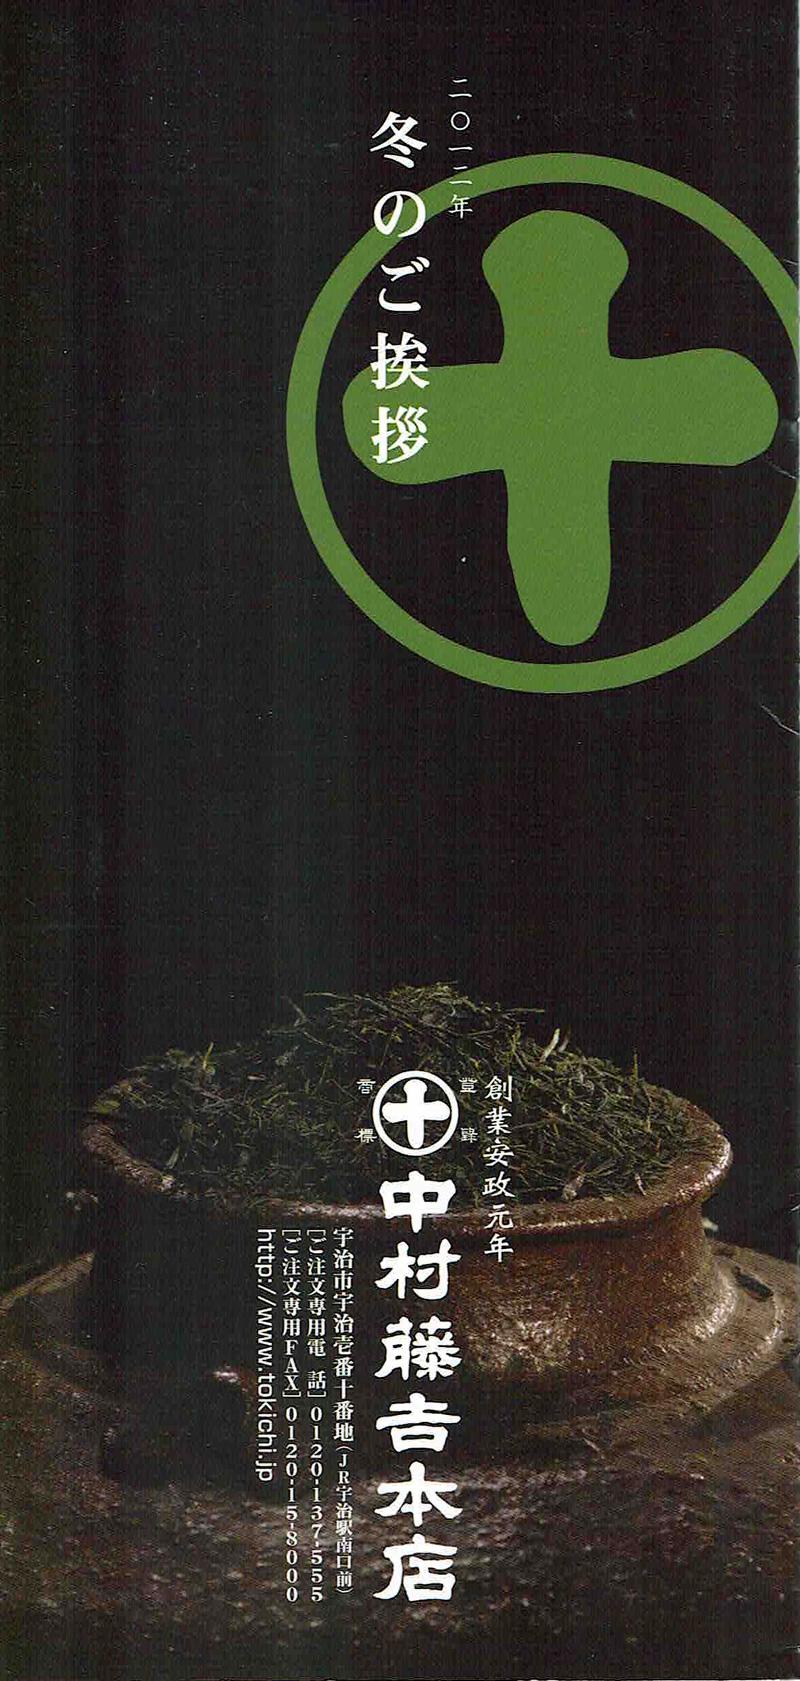 中村藤吉本店2012冬のご案内カタログ